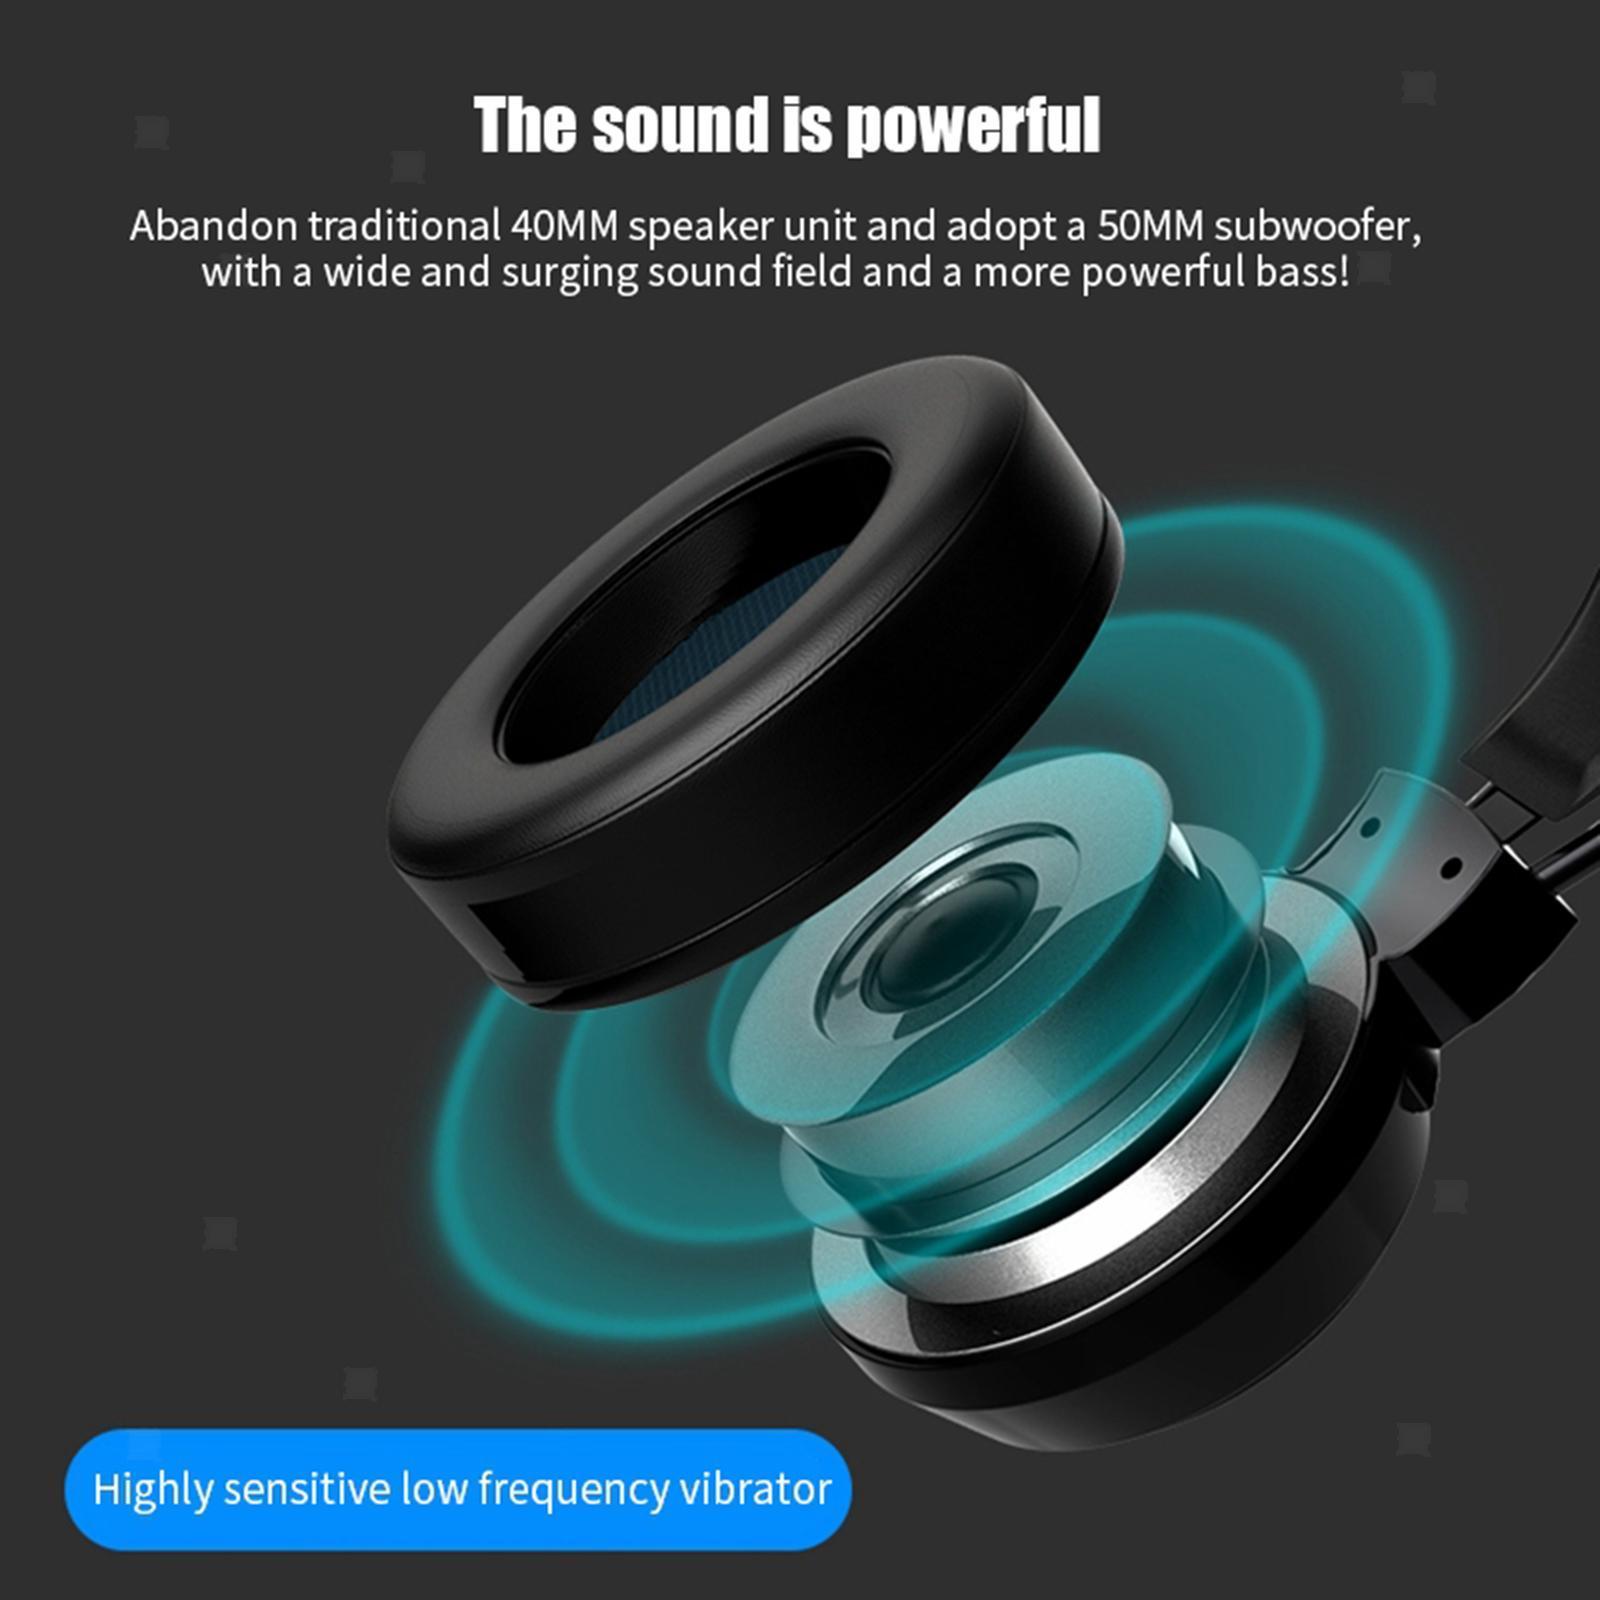 miniature 12 - Confortable Coloré LED   Gaming Headset 7.1 Surround Sound pour PC